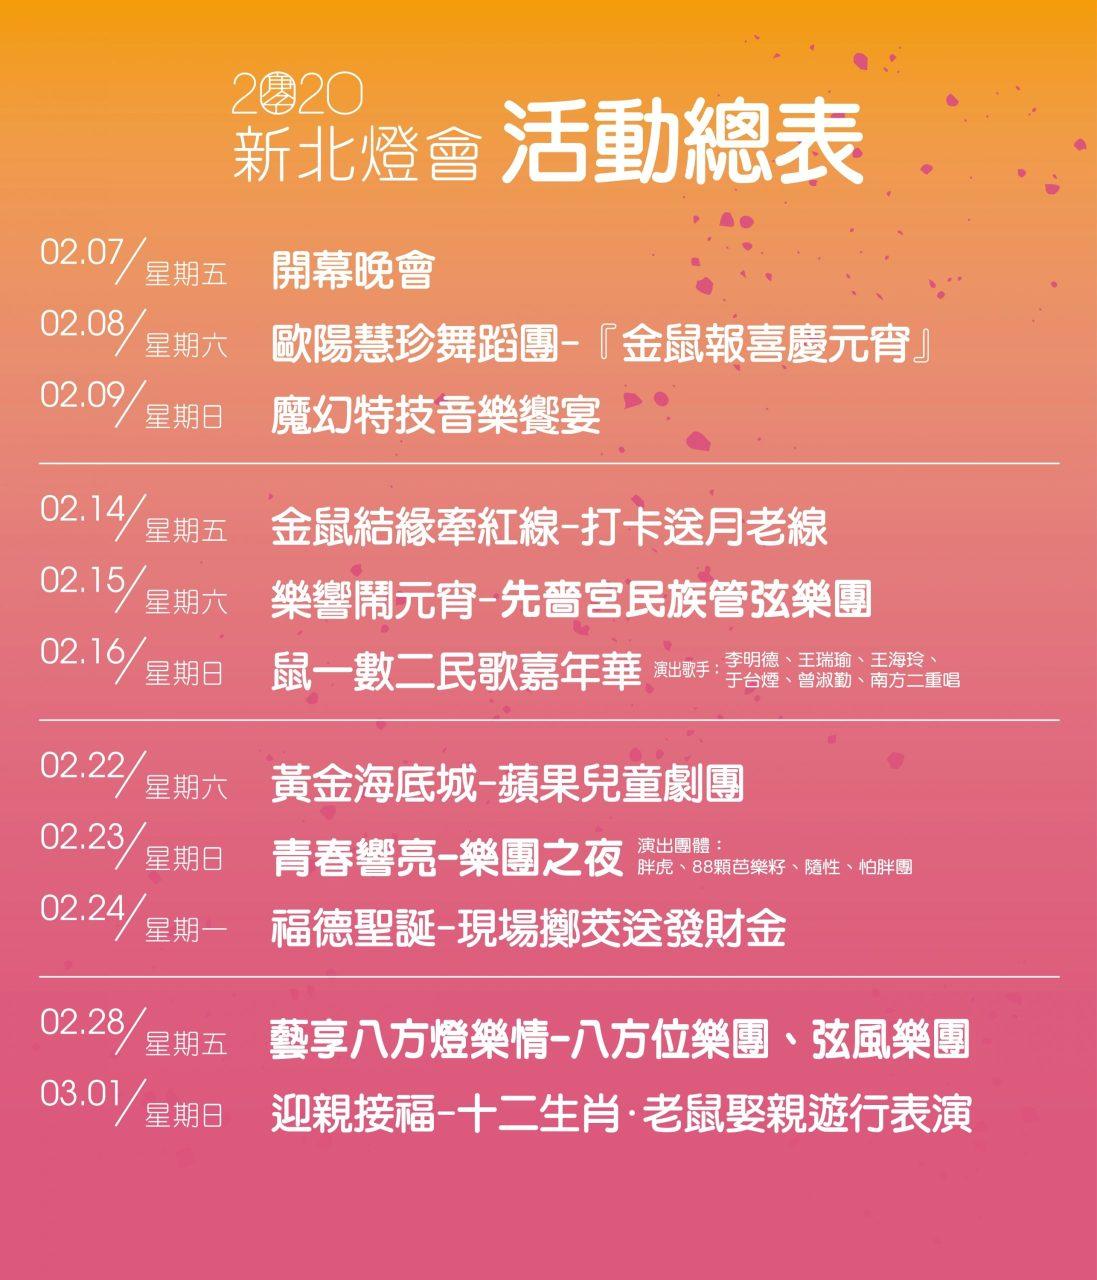 【2020新北燈會】家金鼠喜.捷運三重站.交通地址.時間